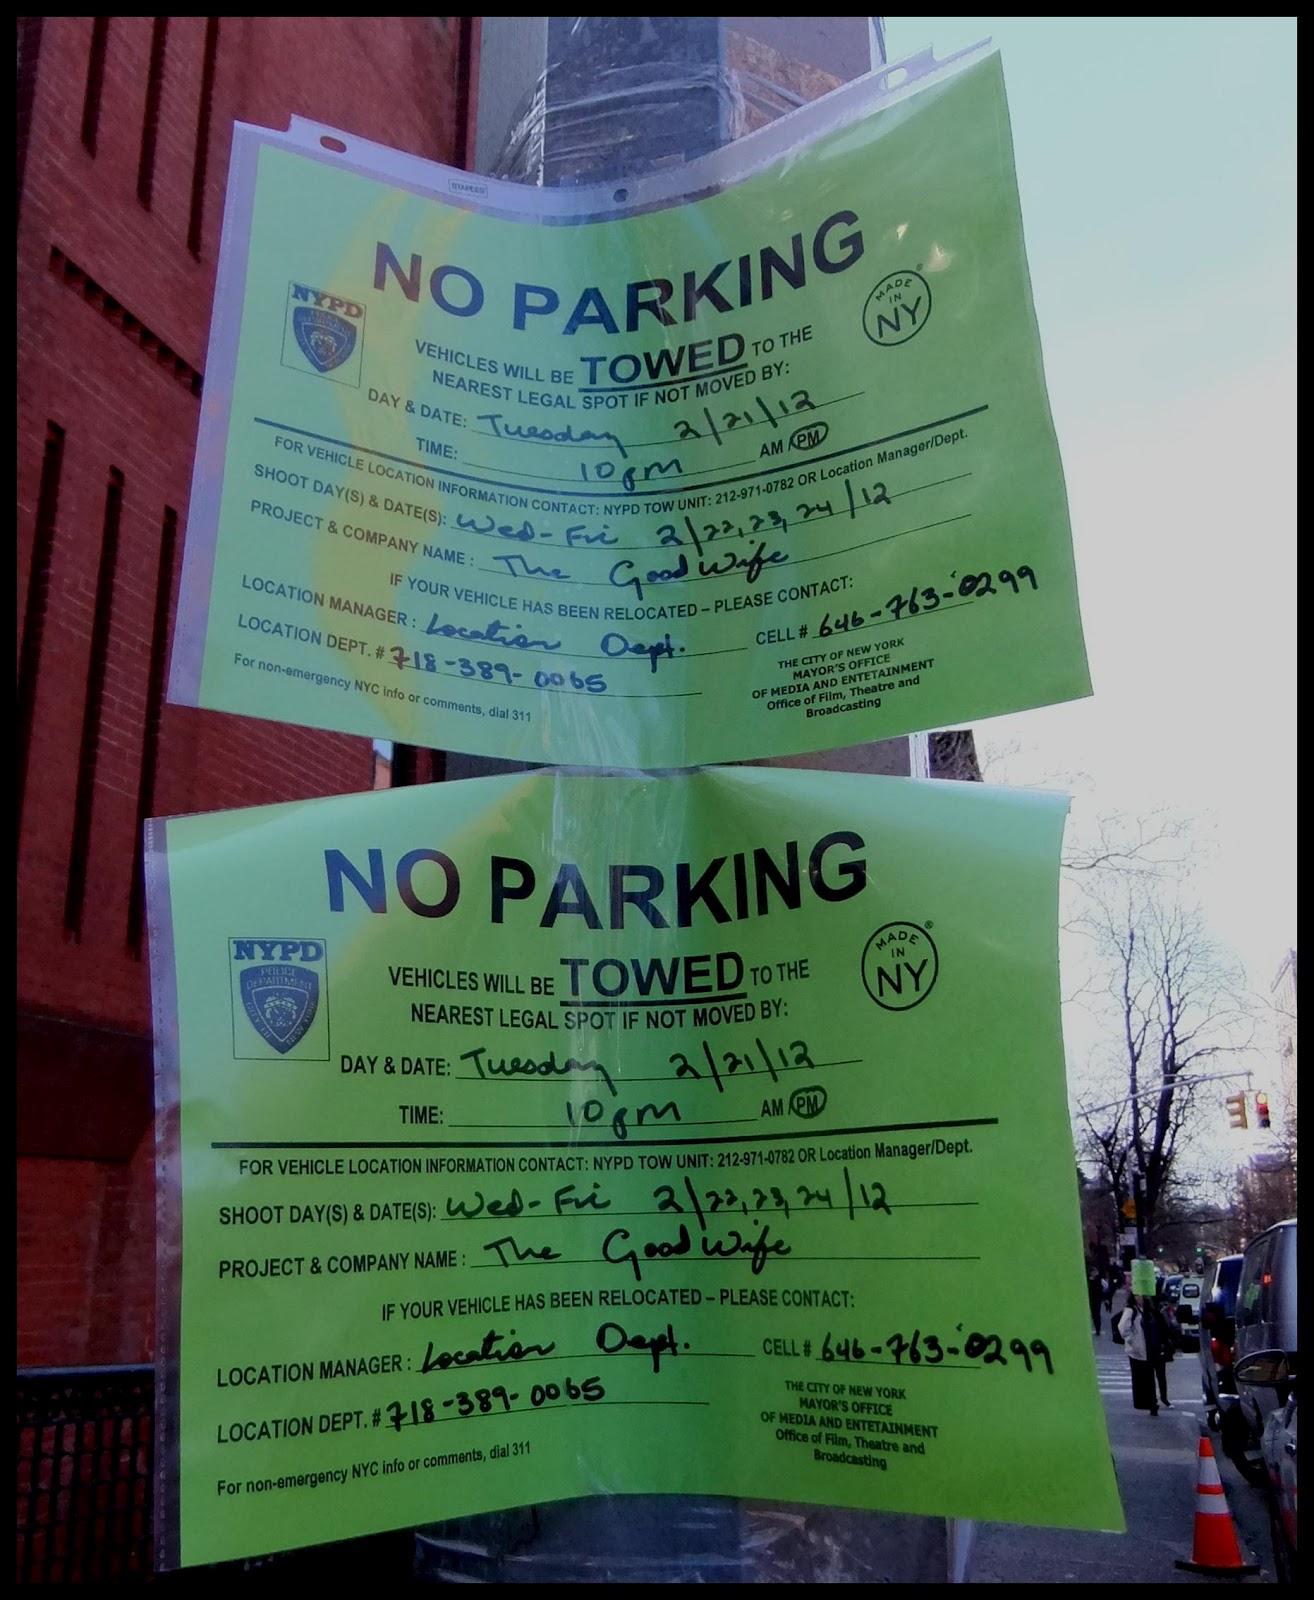 http://3.bp.blogspot.com/-yEGR9zpy7Yw/T1E33_81p1I/AAAAAAAAAh8/WXmhxZGeAms/s1600/No+parking+signage.jpg